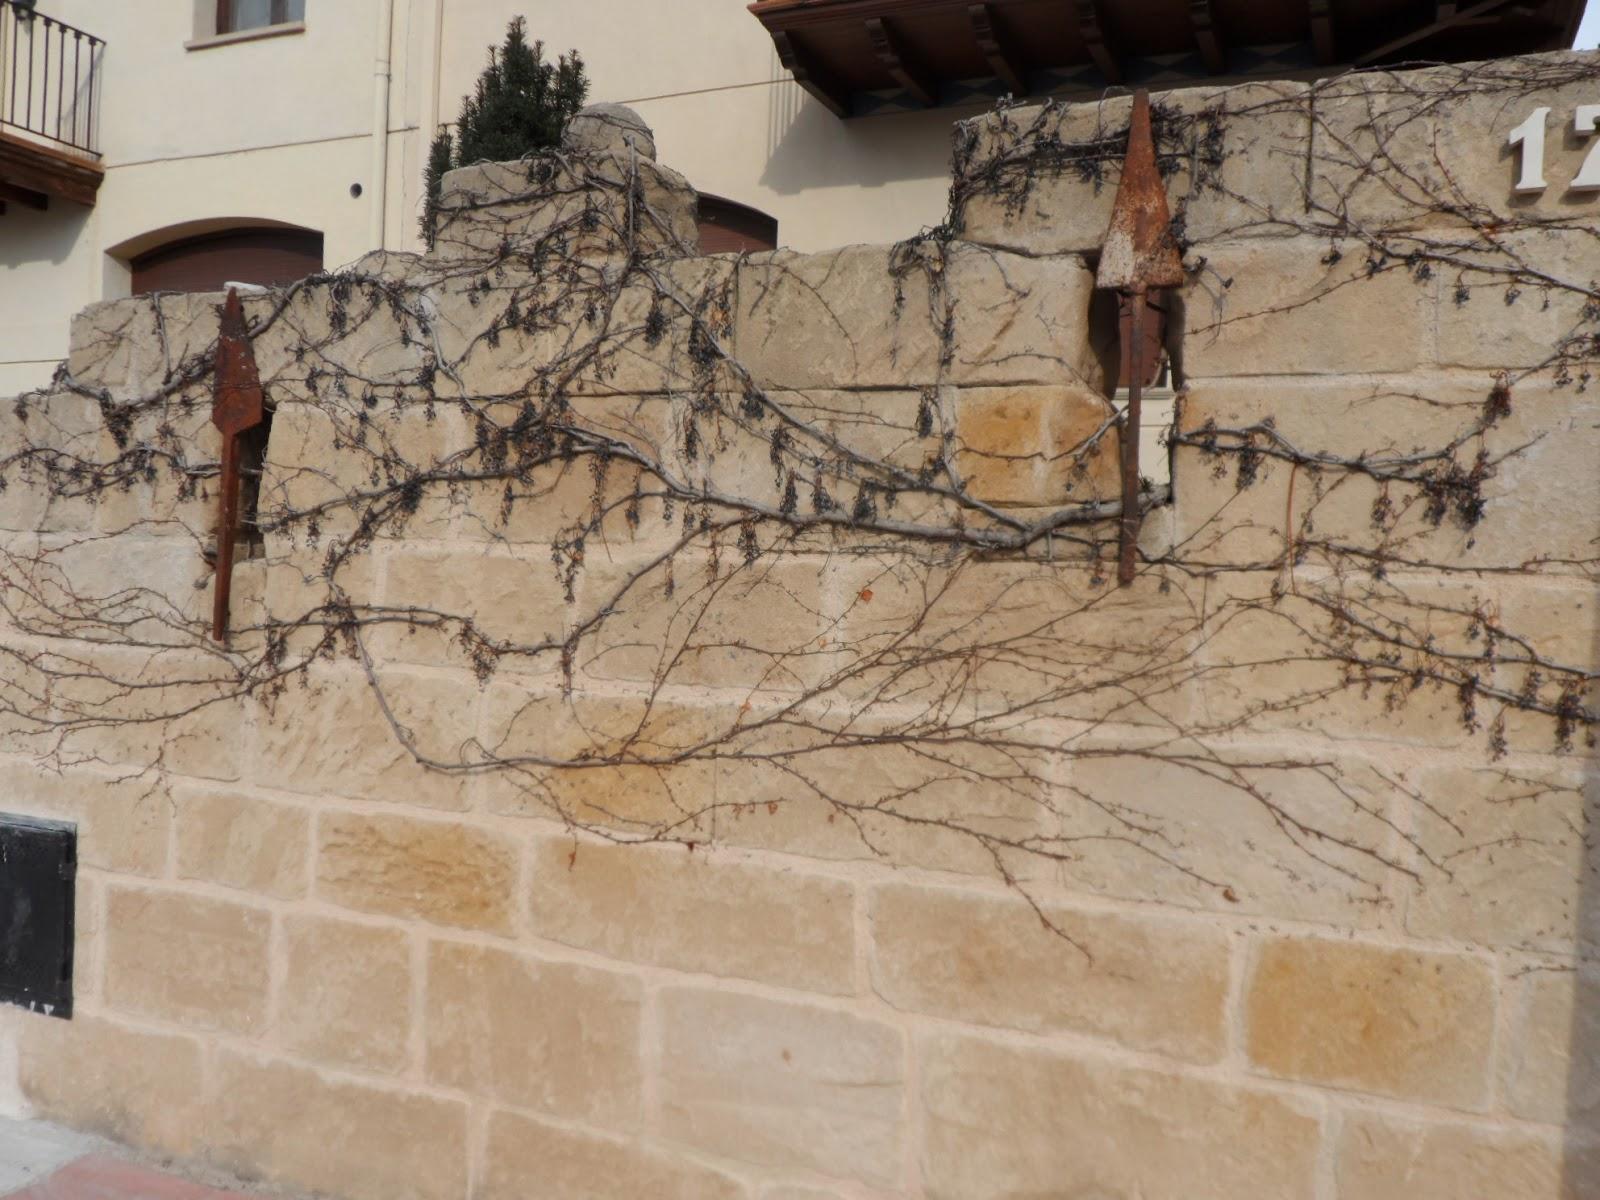 Muros piedra artificial estecha reproducciones - Piedra artificial malaga ...